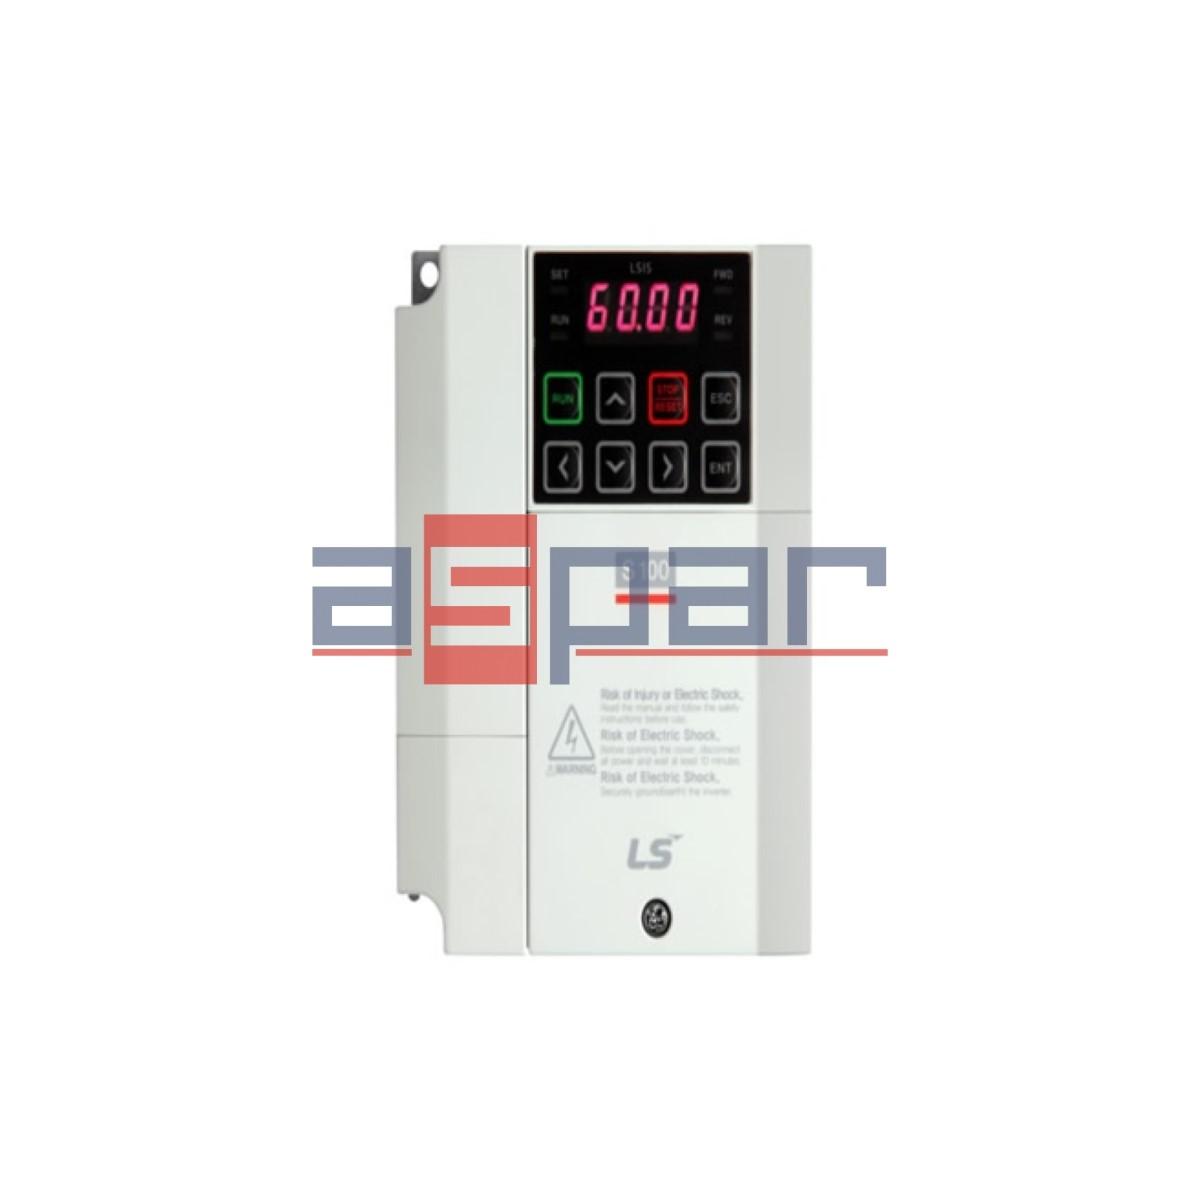 LSLV0015S100-4EOFNM - 1,5kW, 3~